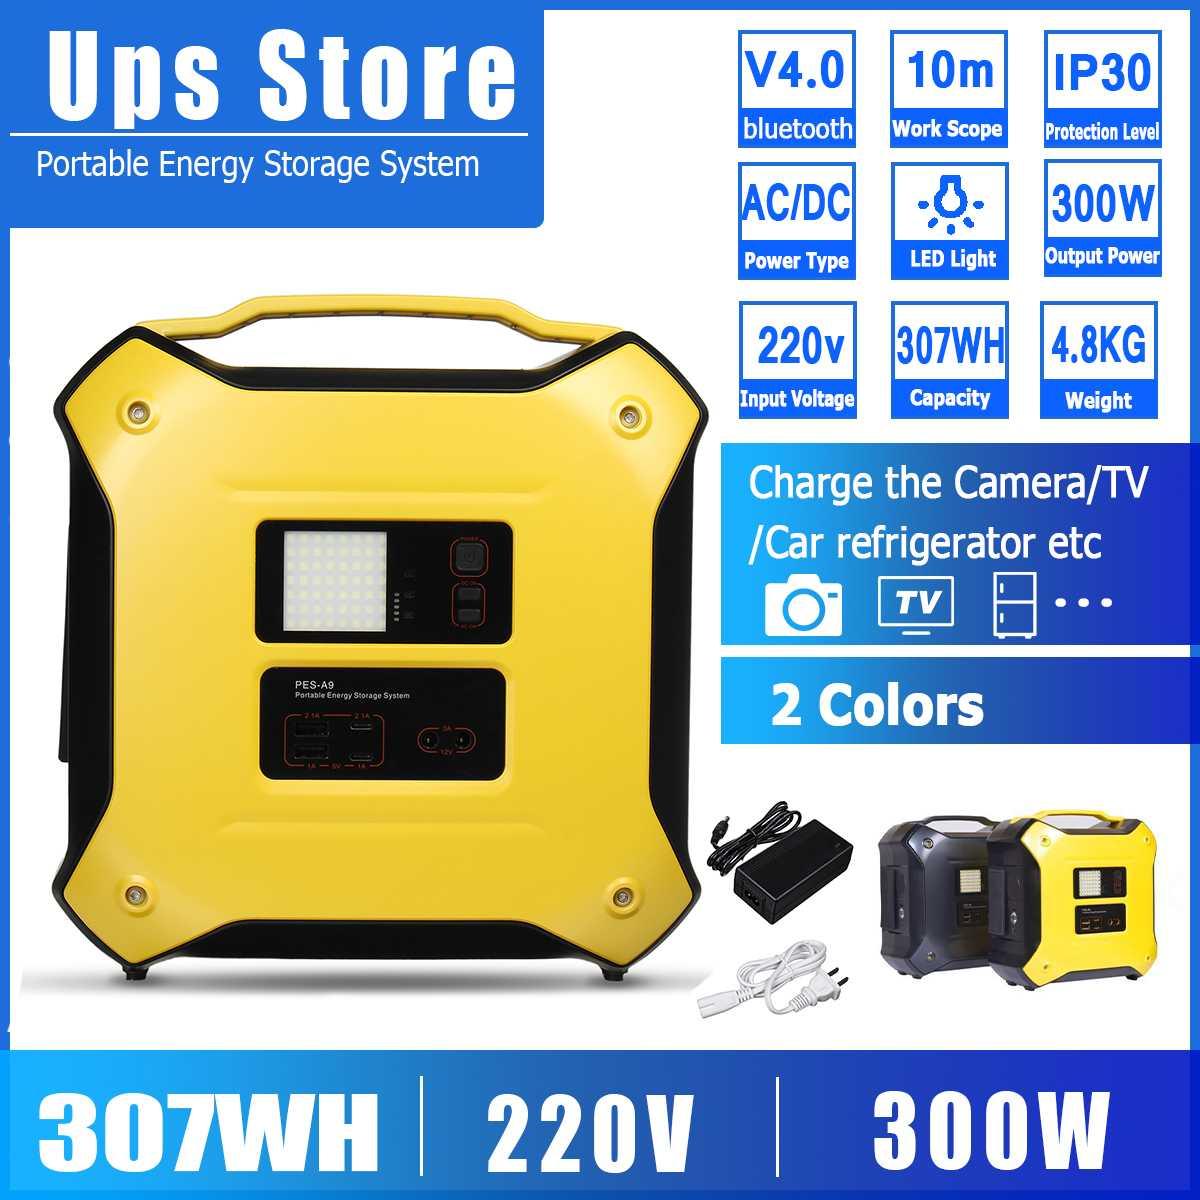 300W 307Wh bluetooth 4.0 inwerter przenośny generator słoneczny zasilacz UPS AC DC podwójny System magazynowania energii USB na zewnątrz 220V